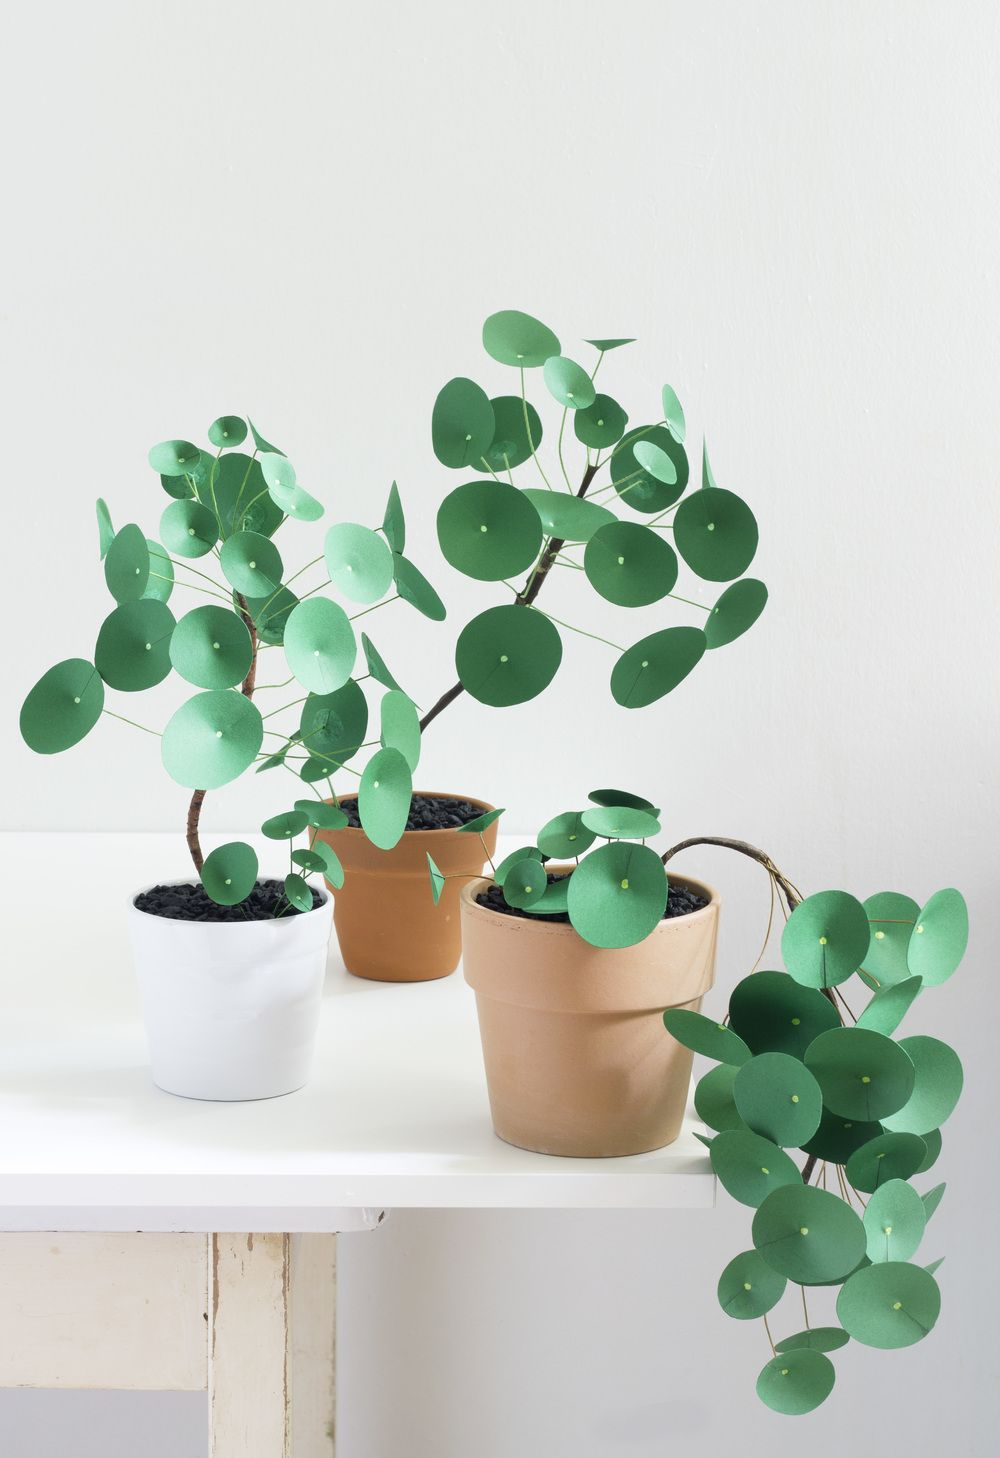 plante verte monnaie de chine